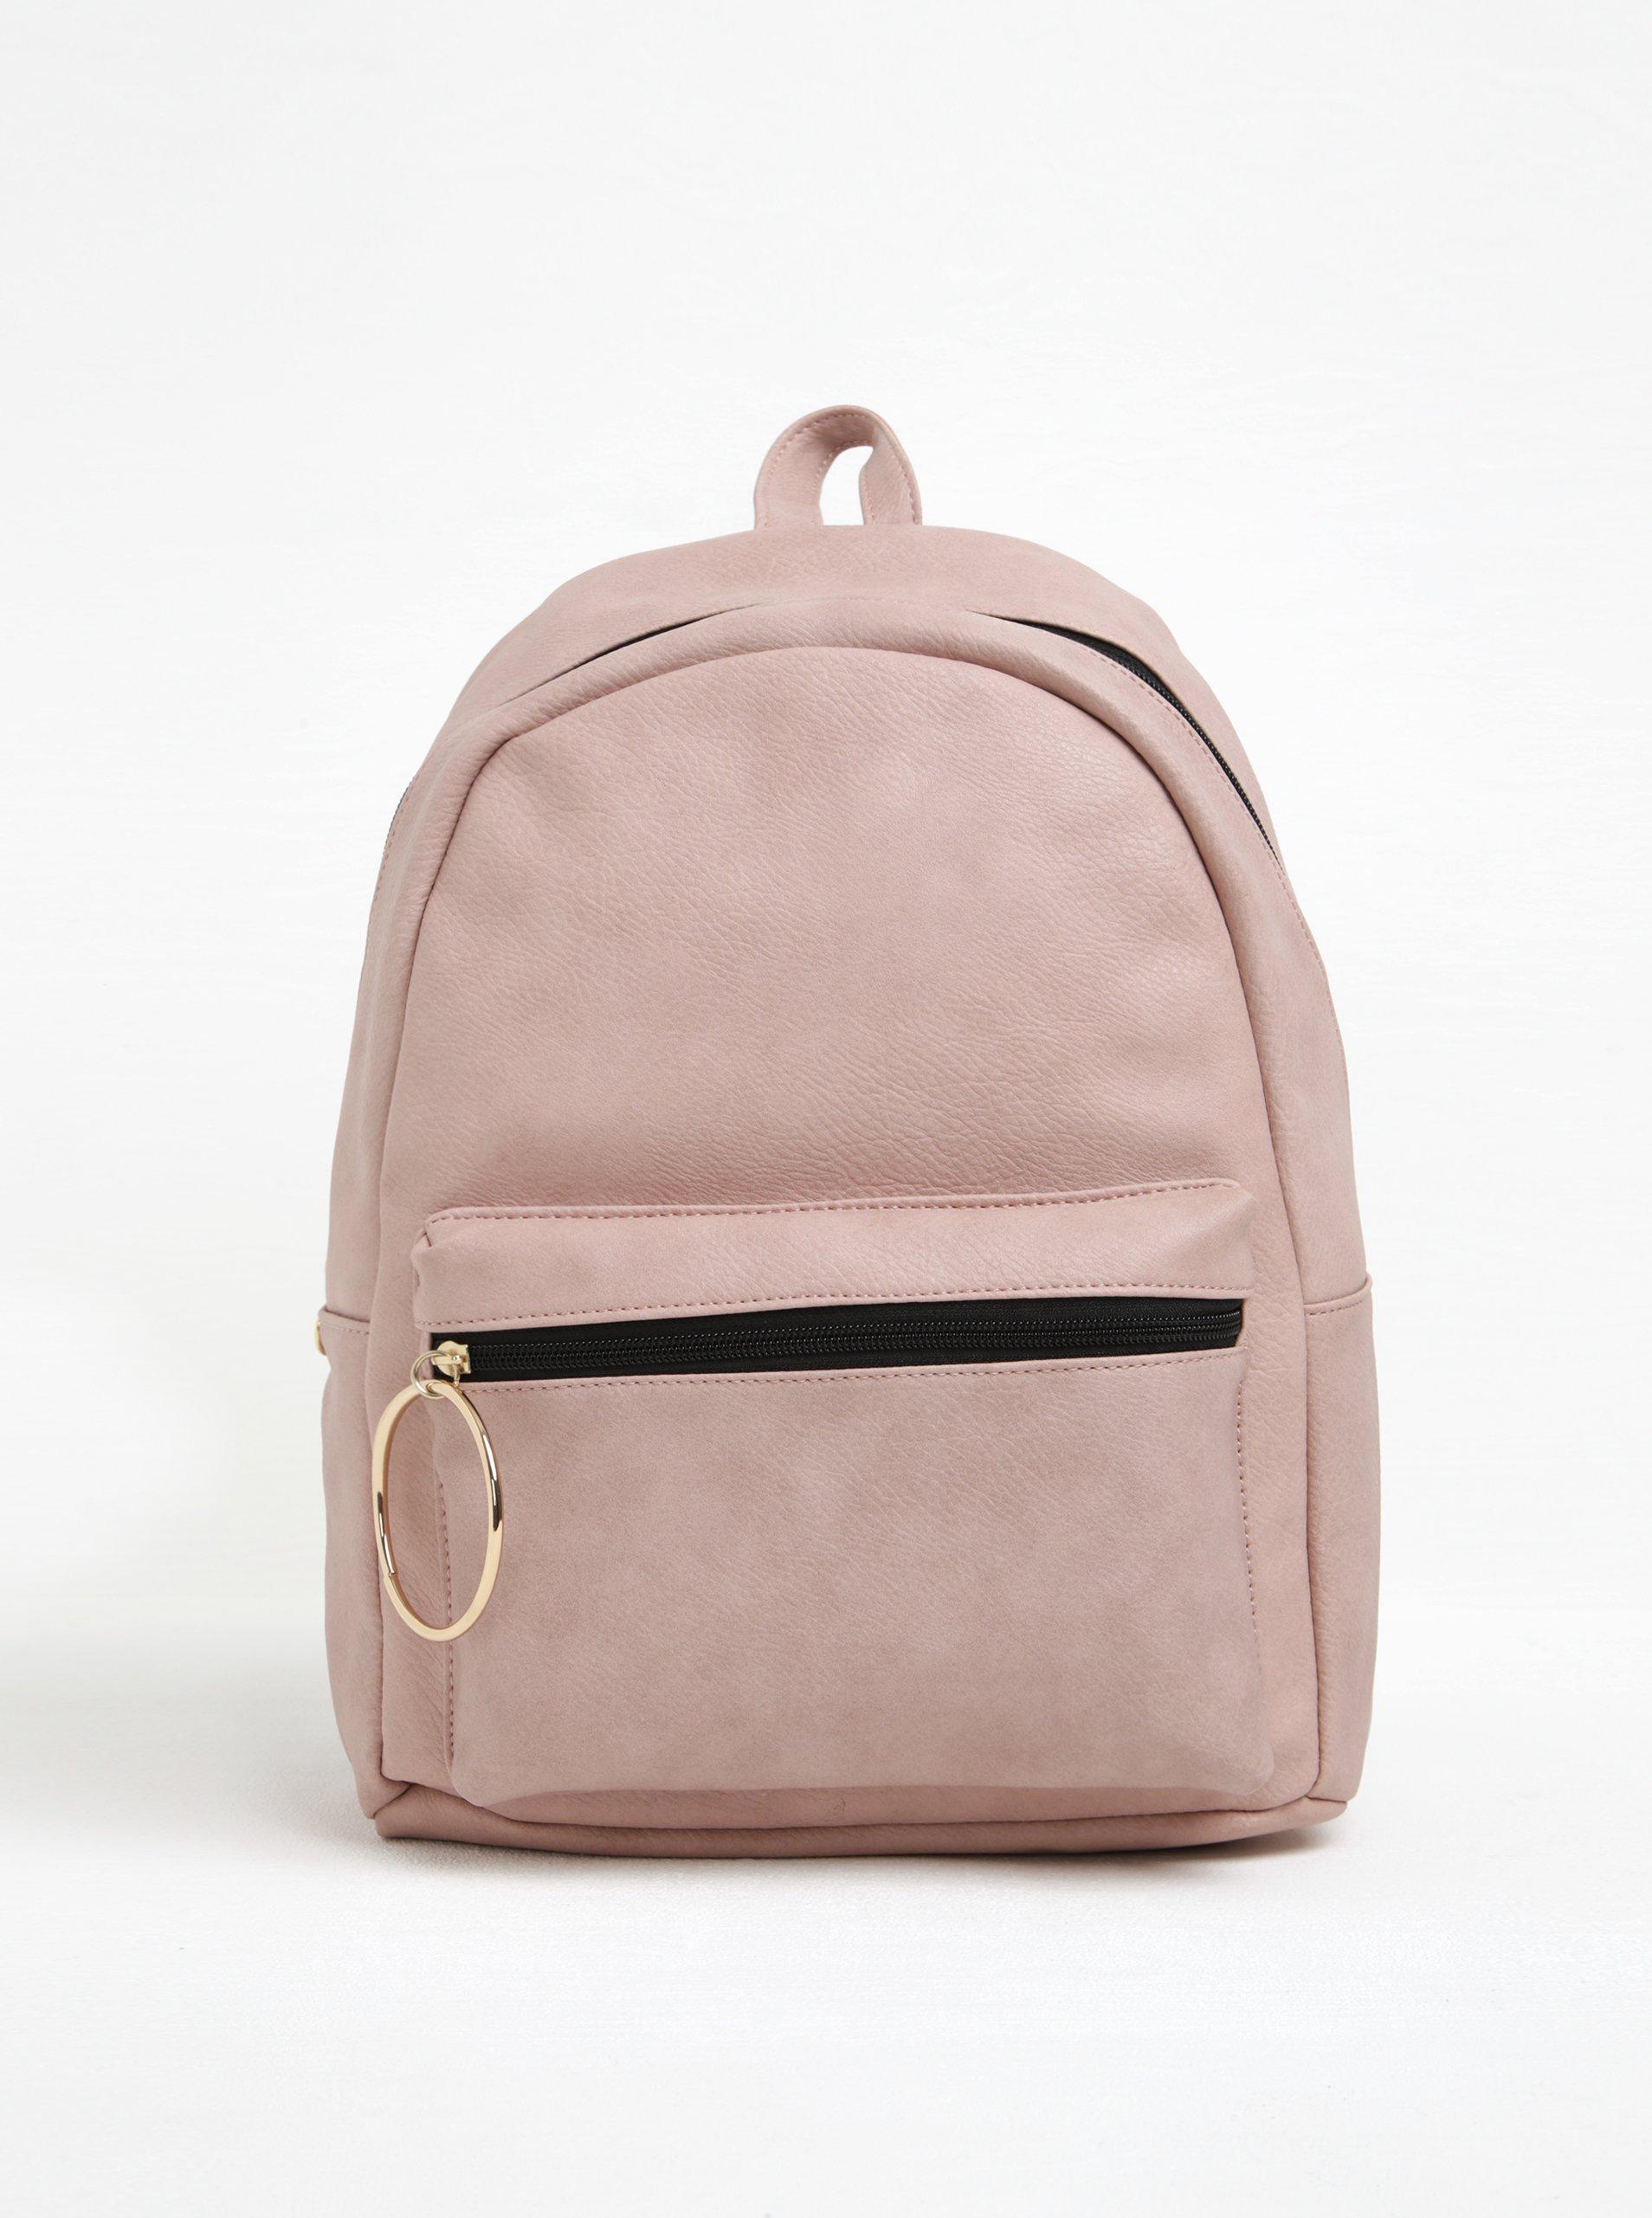 Starorůžový batoh s kapsou TALLY WEiJL